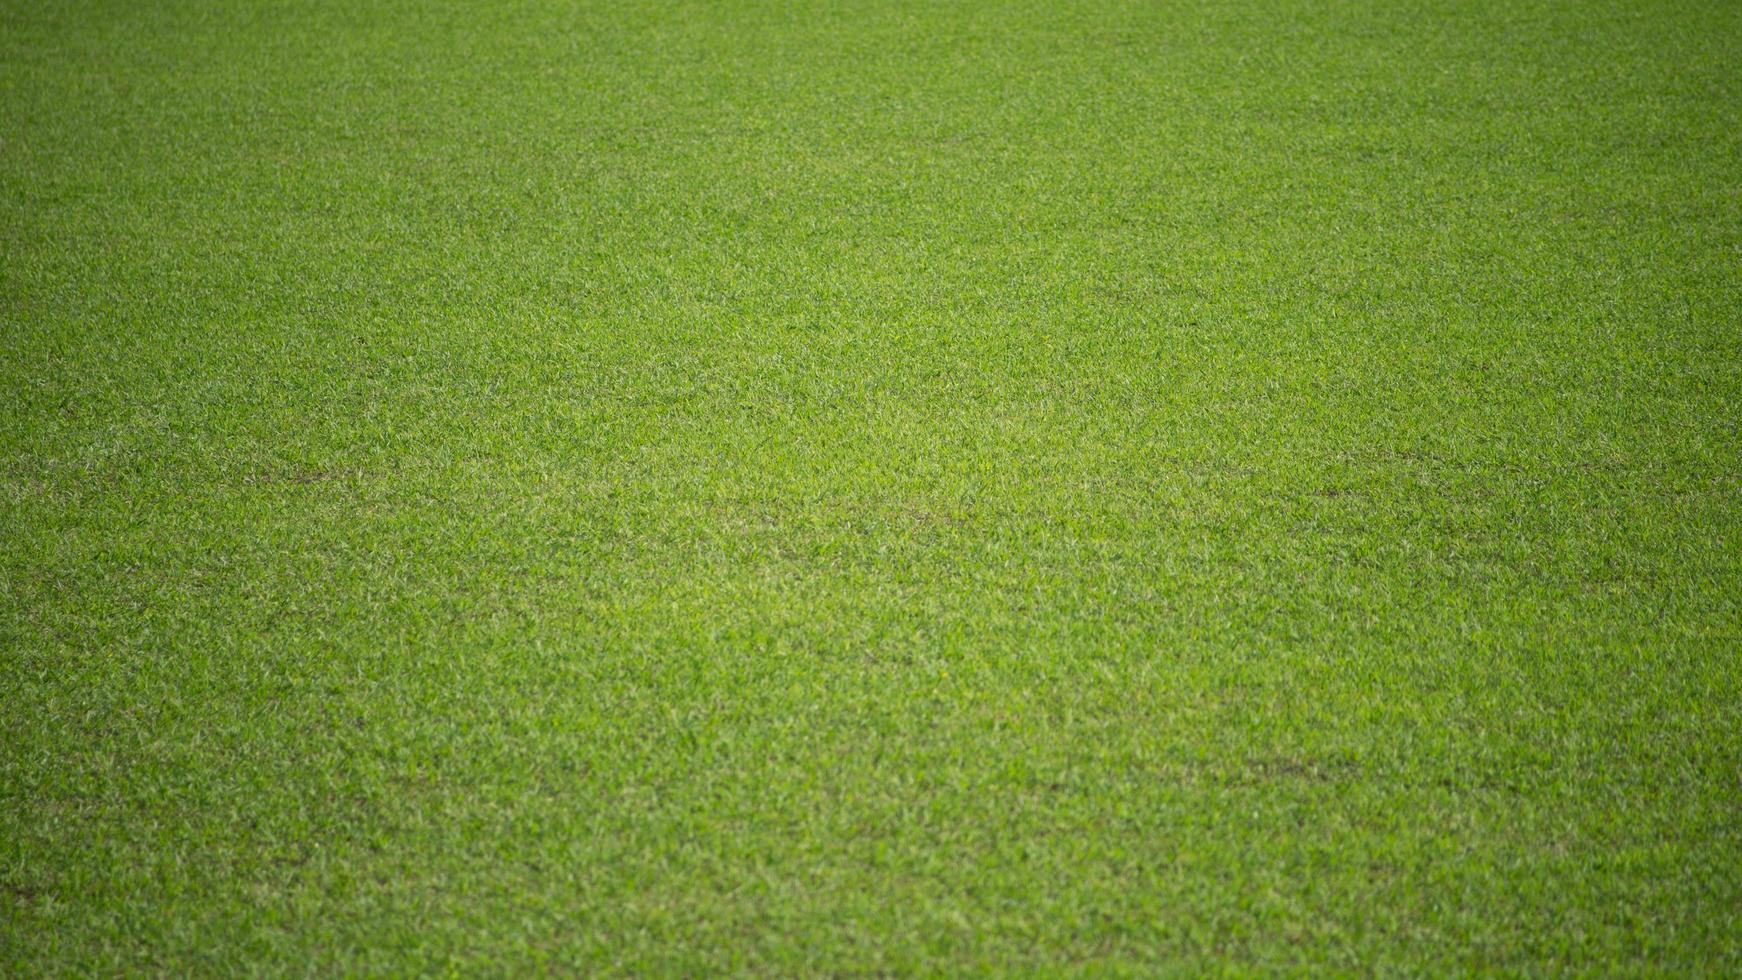 fundo natural de um campo de futebol de grama verde. foto